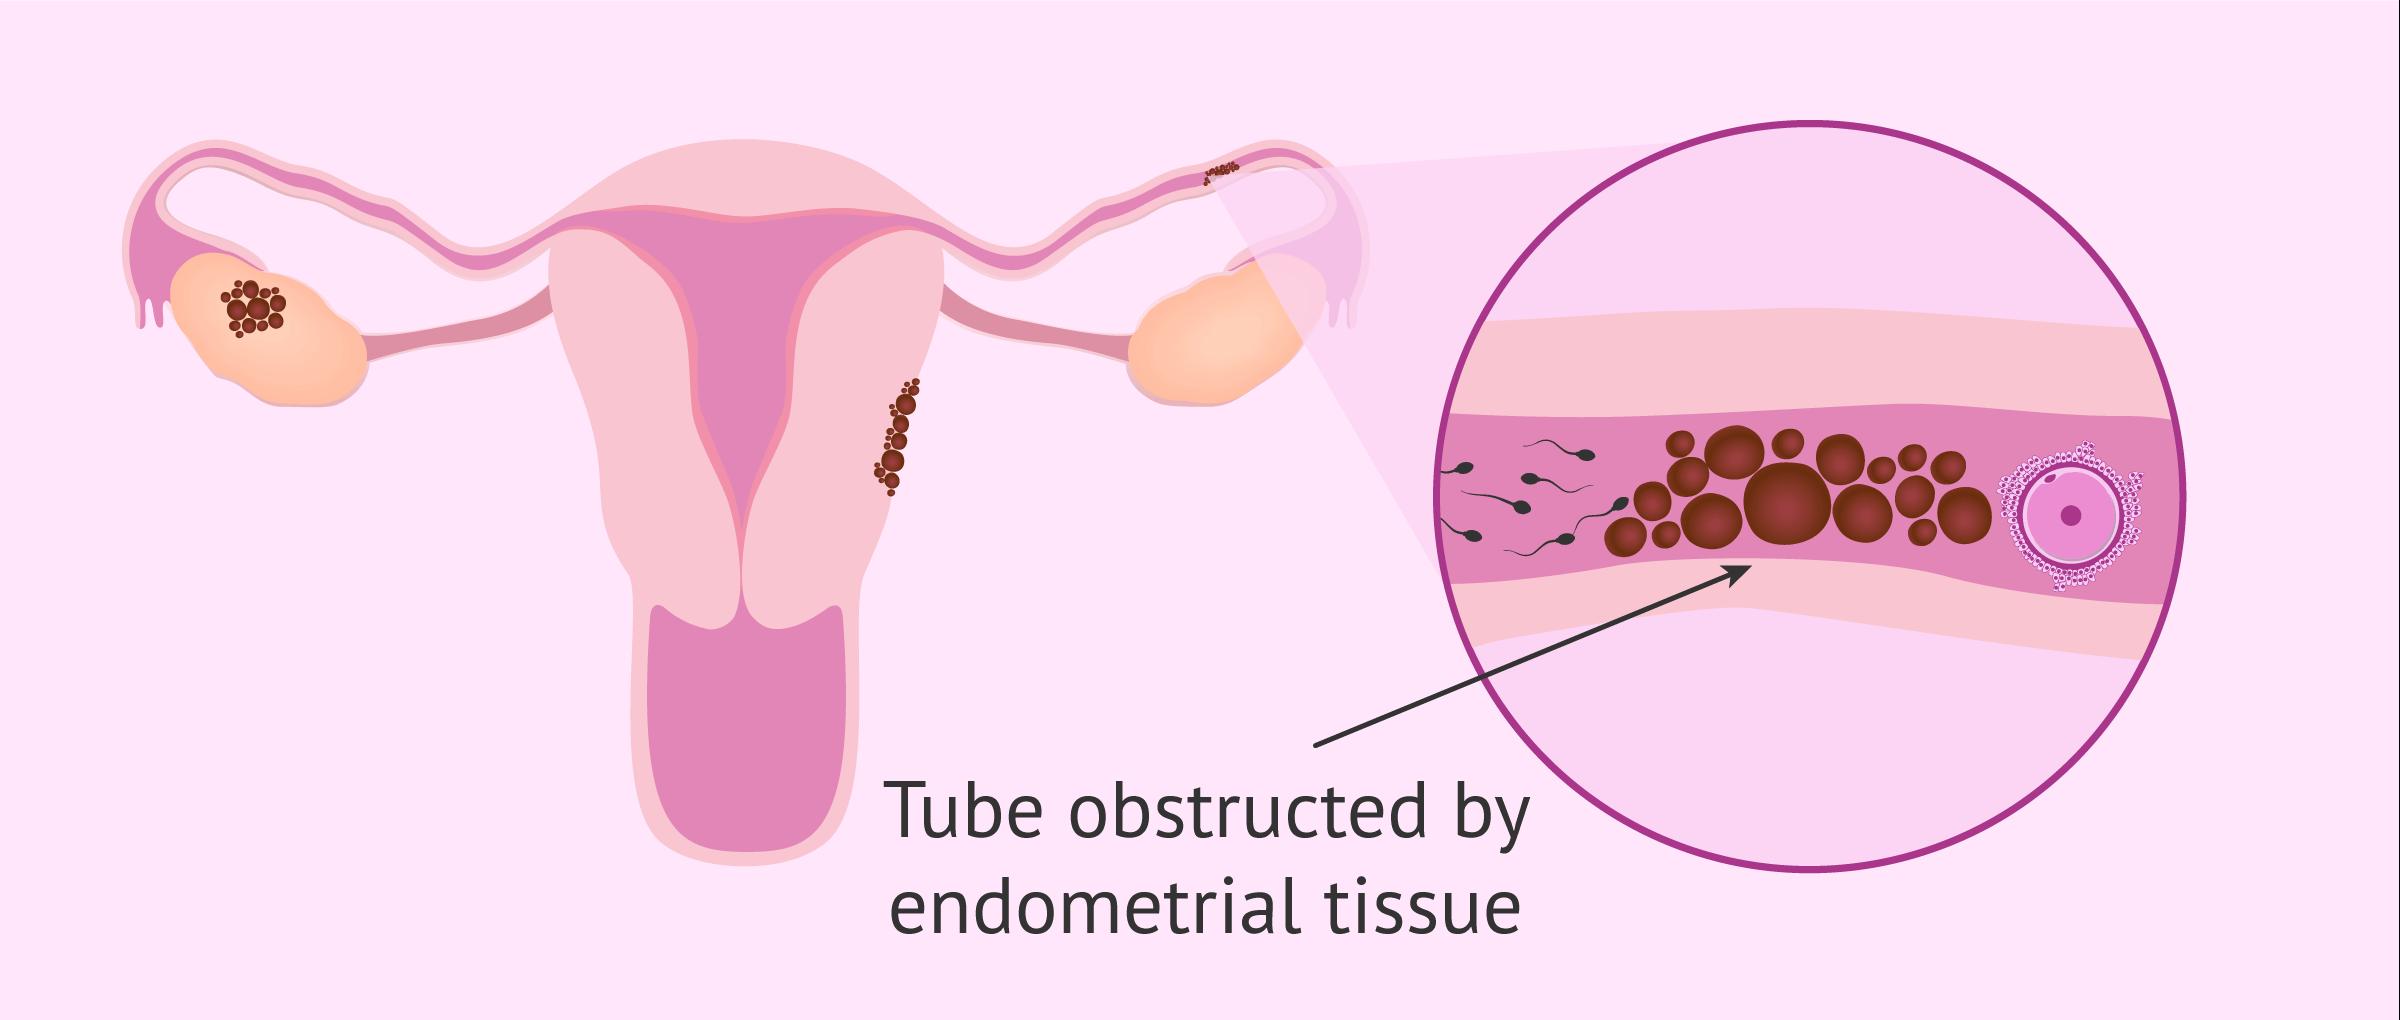 Tubal obstruction due to endometriosis